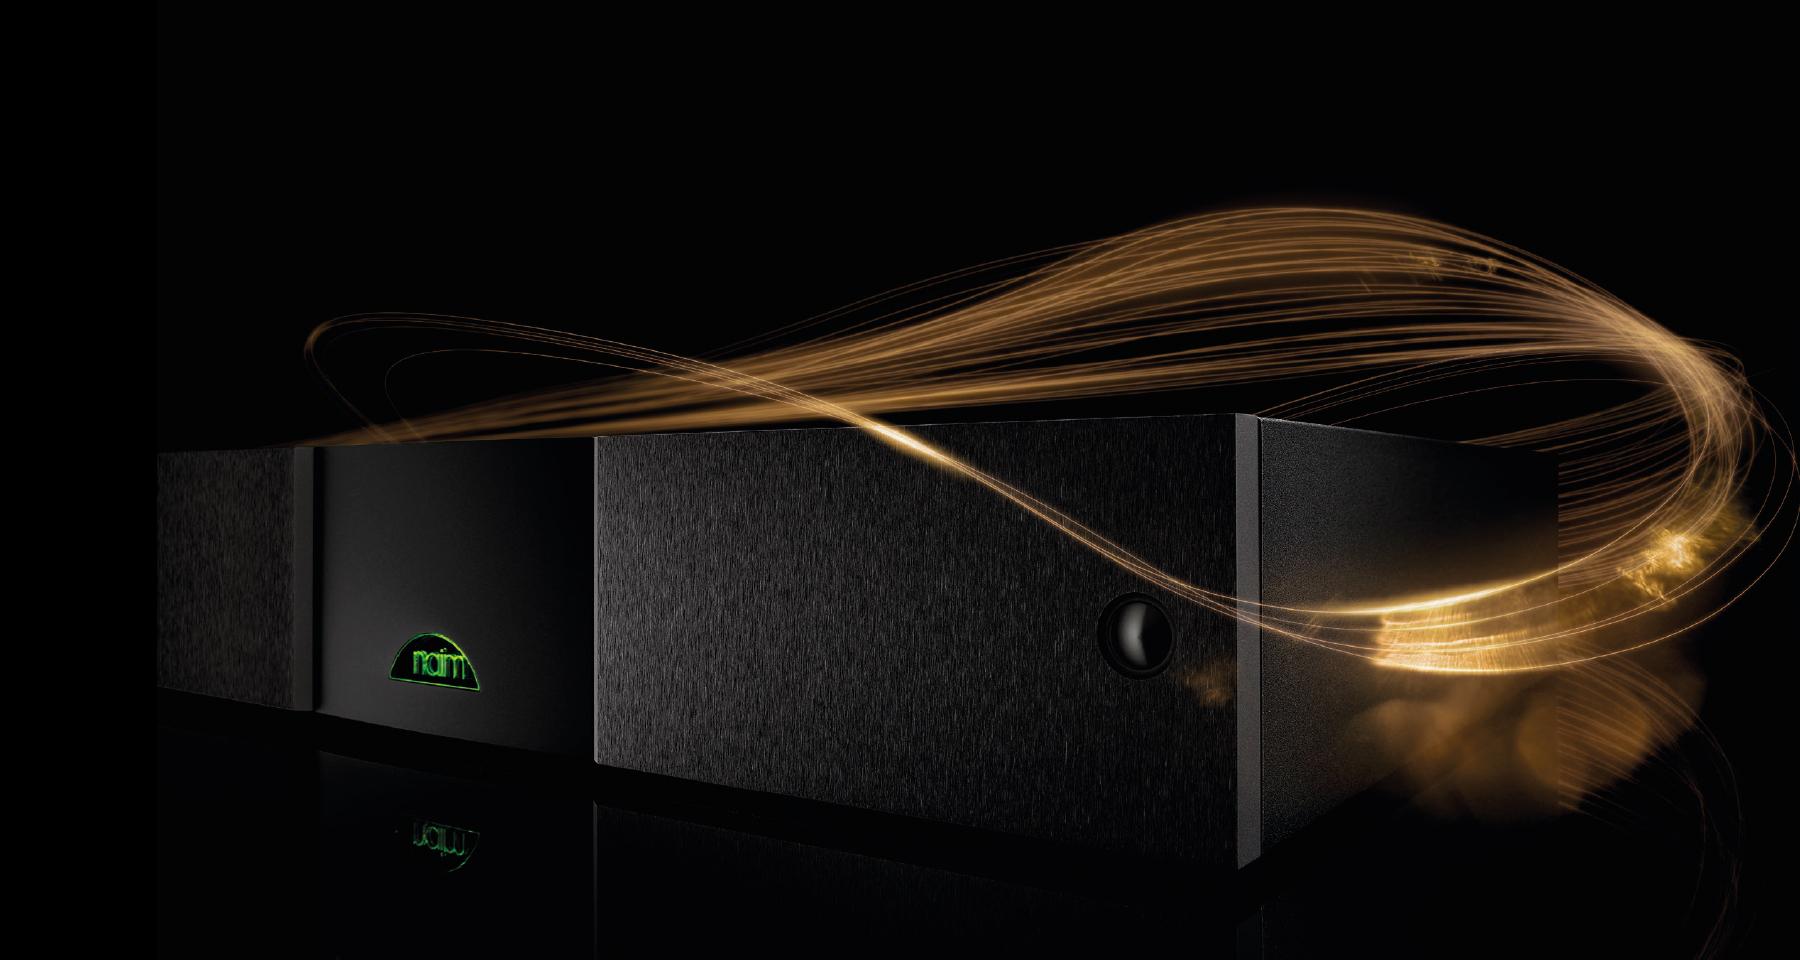 Naim Power Amp